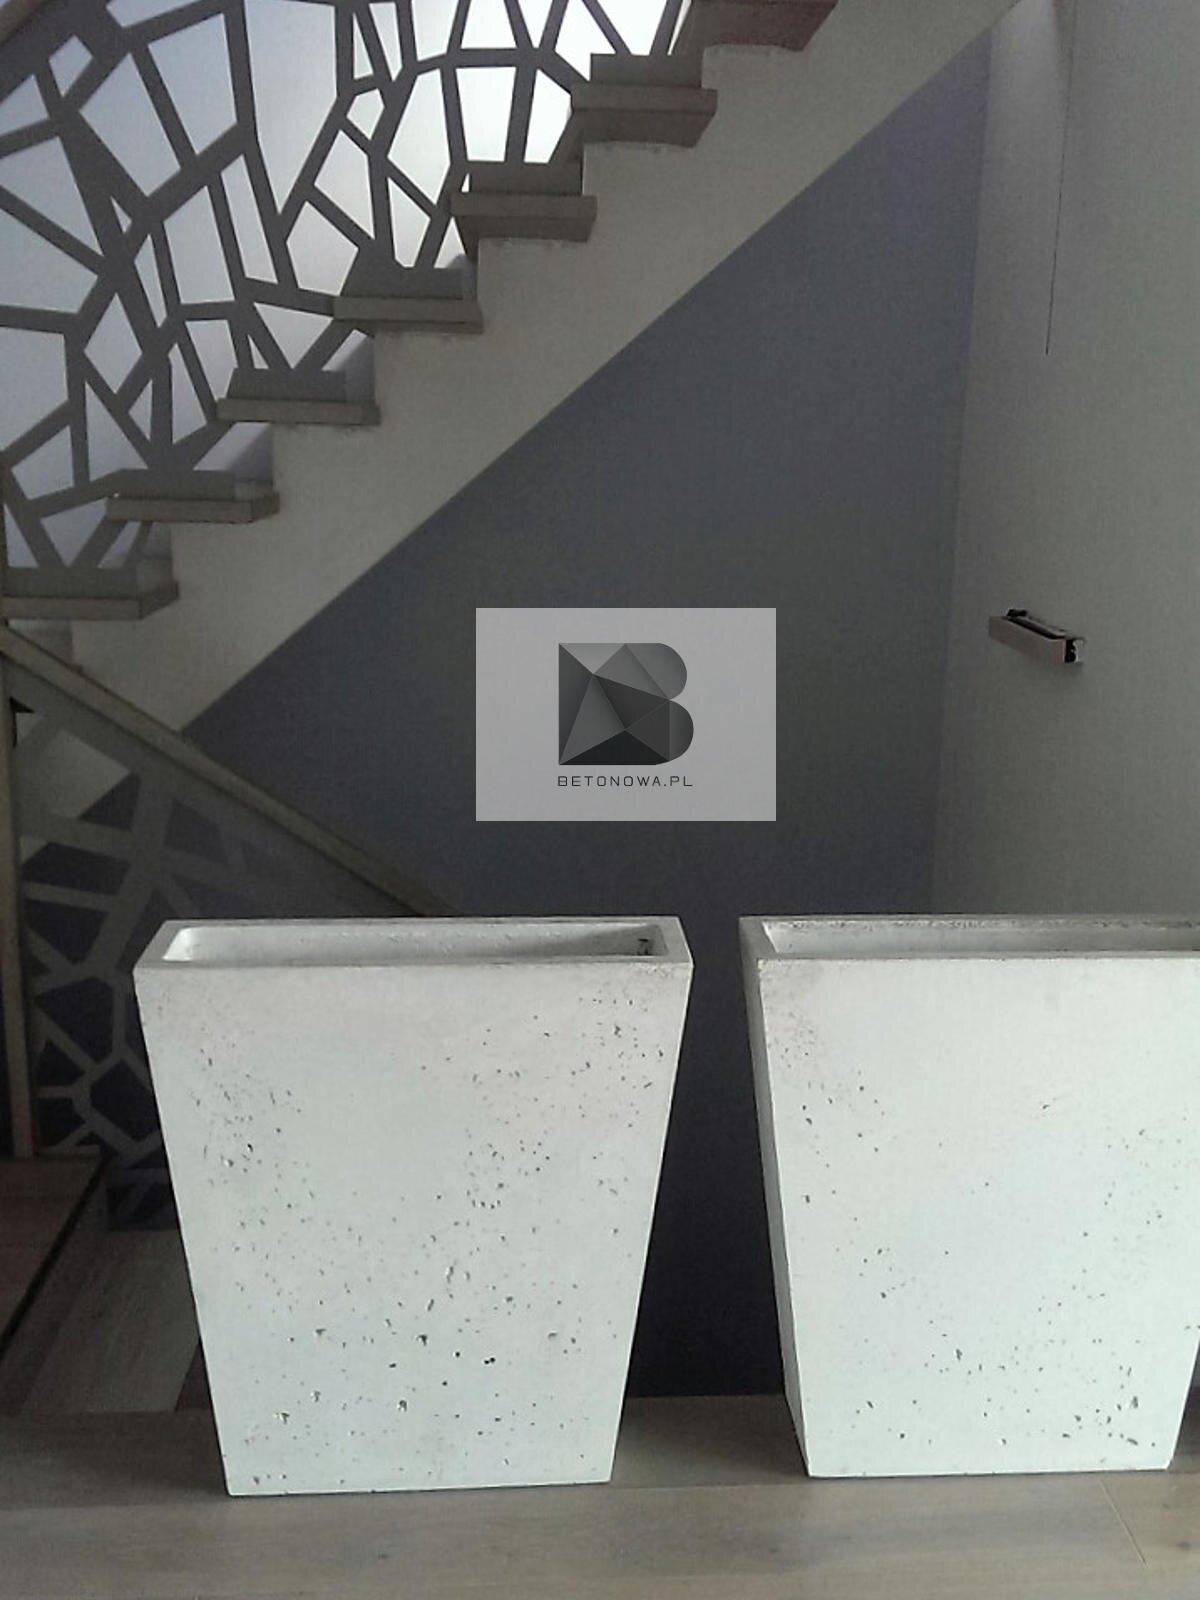 Donica Betonowa Wnetrza Ogrod Beton Architektoniczny1